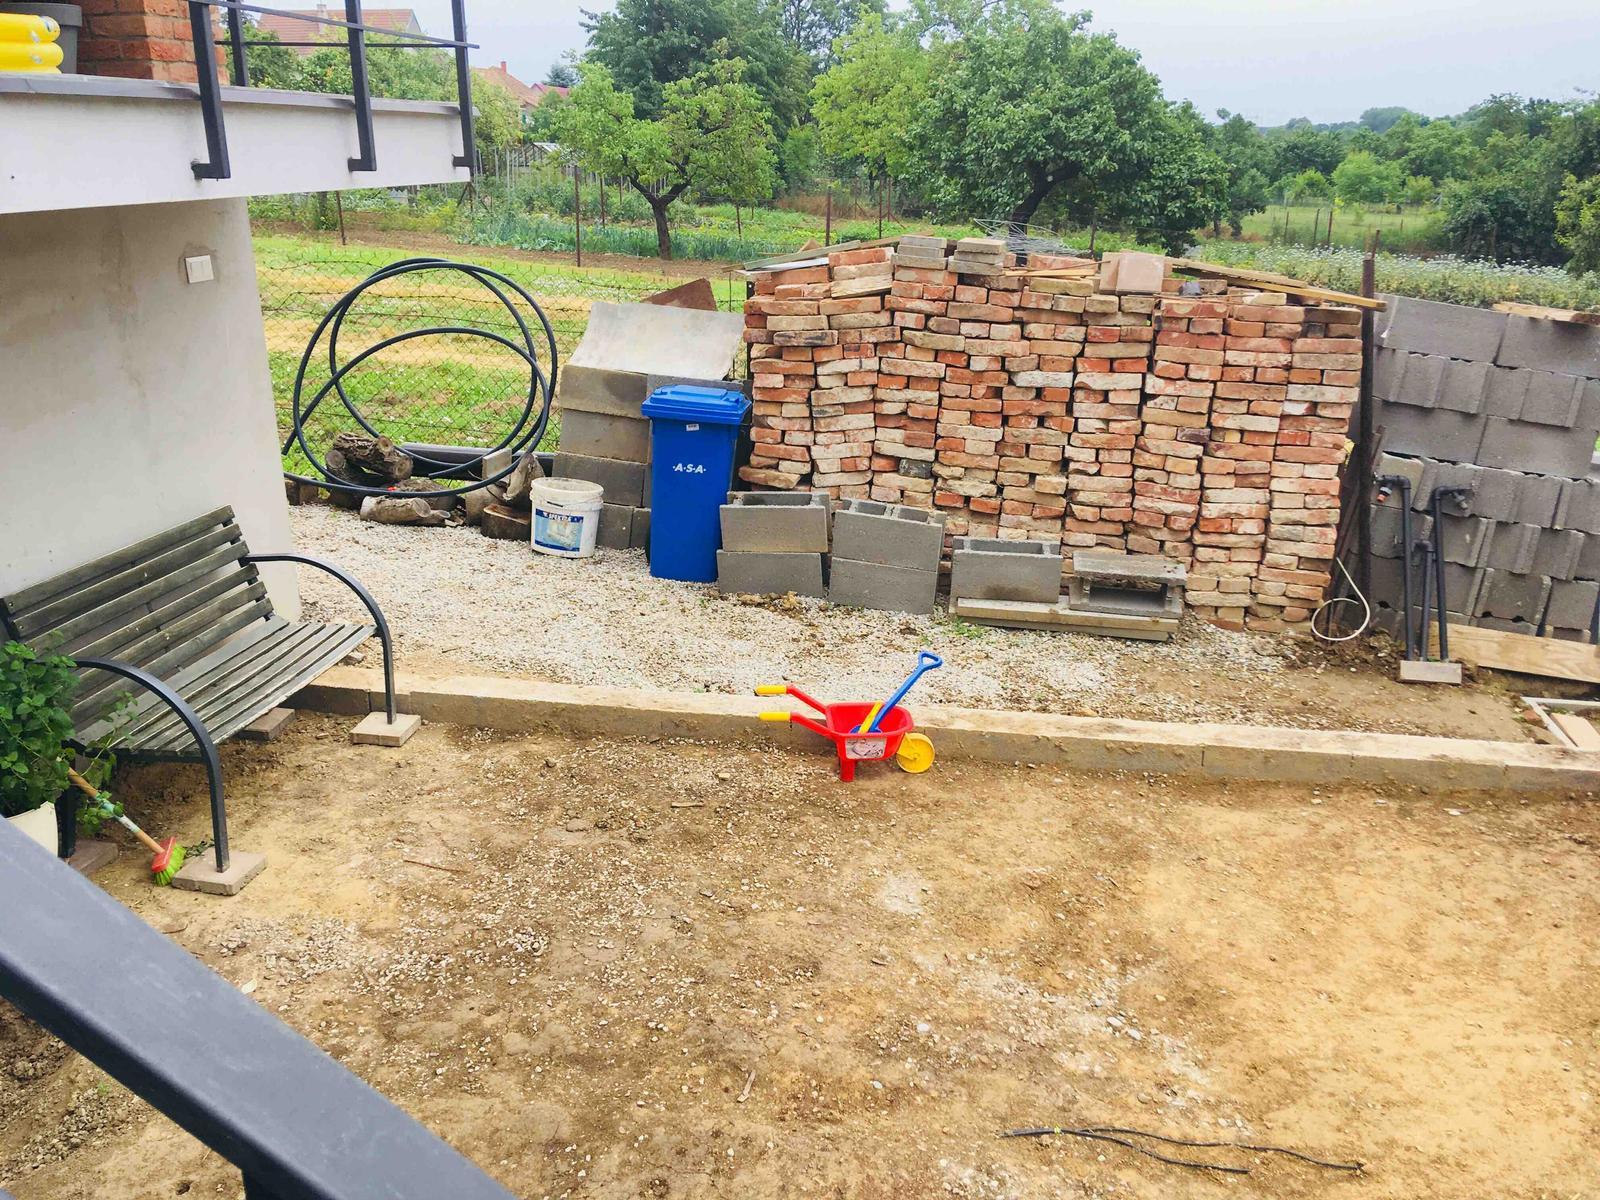 Názov stavby 3 - in da garden - cez víkend navozíme makadam na terasu, synáčik už je ready